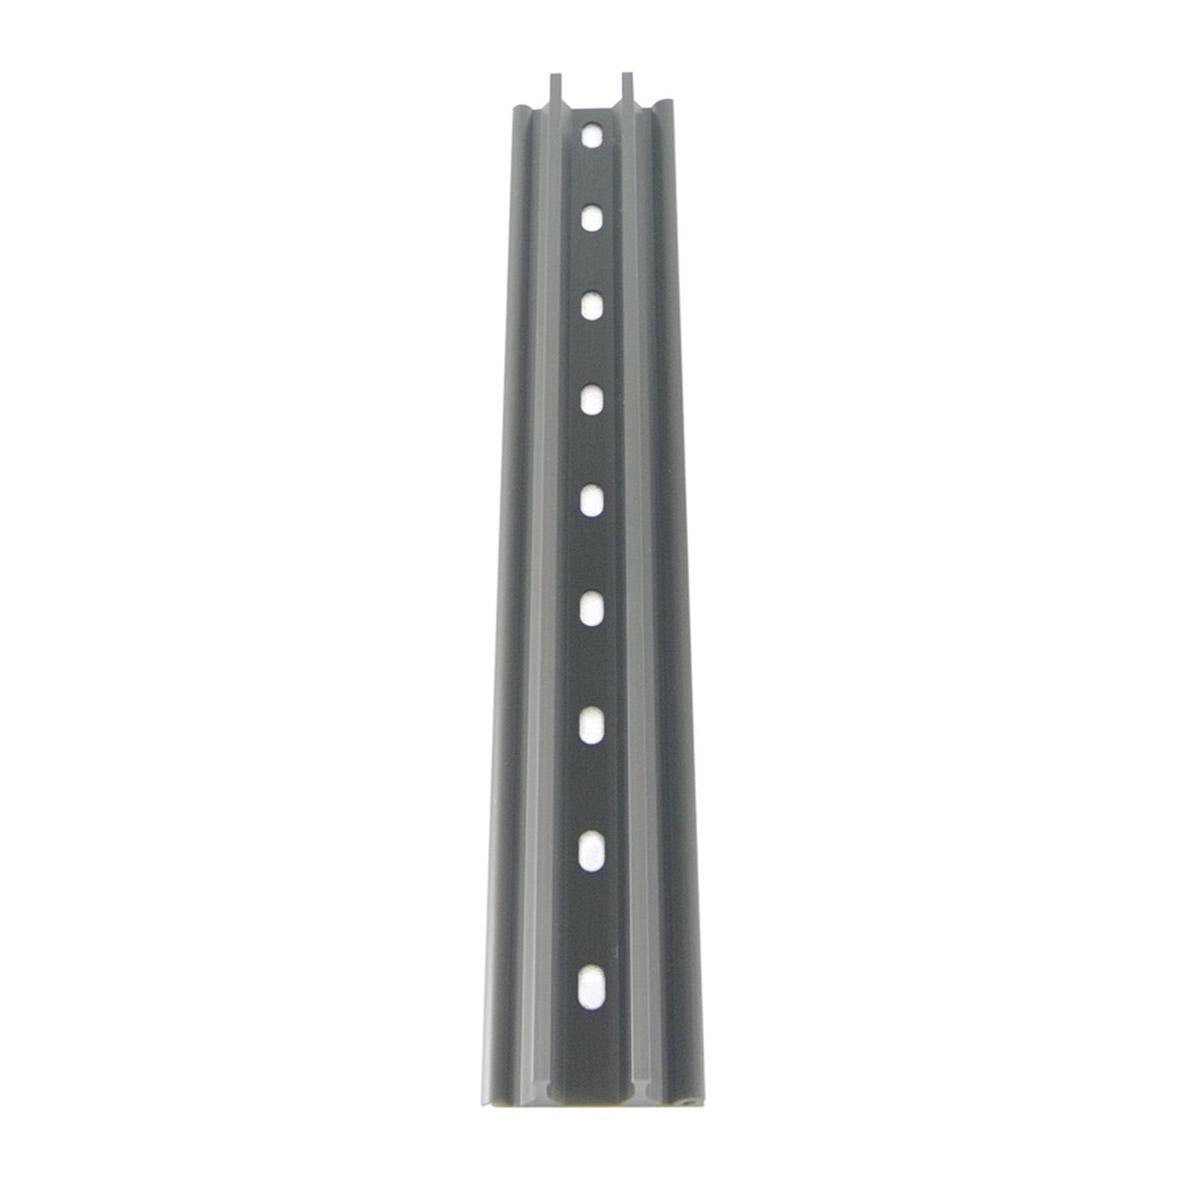 Επέκταση Σχάρας Αλουμινίου (35cm x 5.8cm) - GrillGrate®